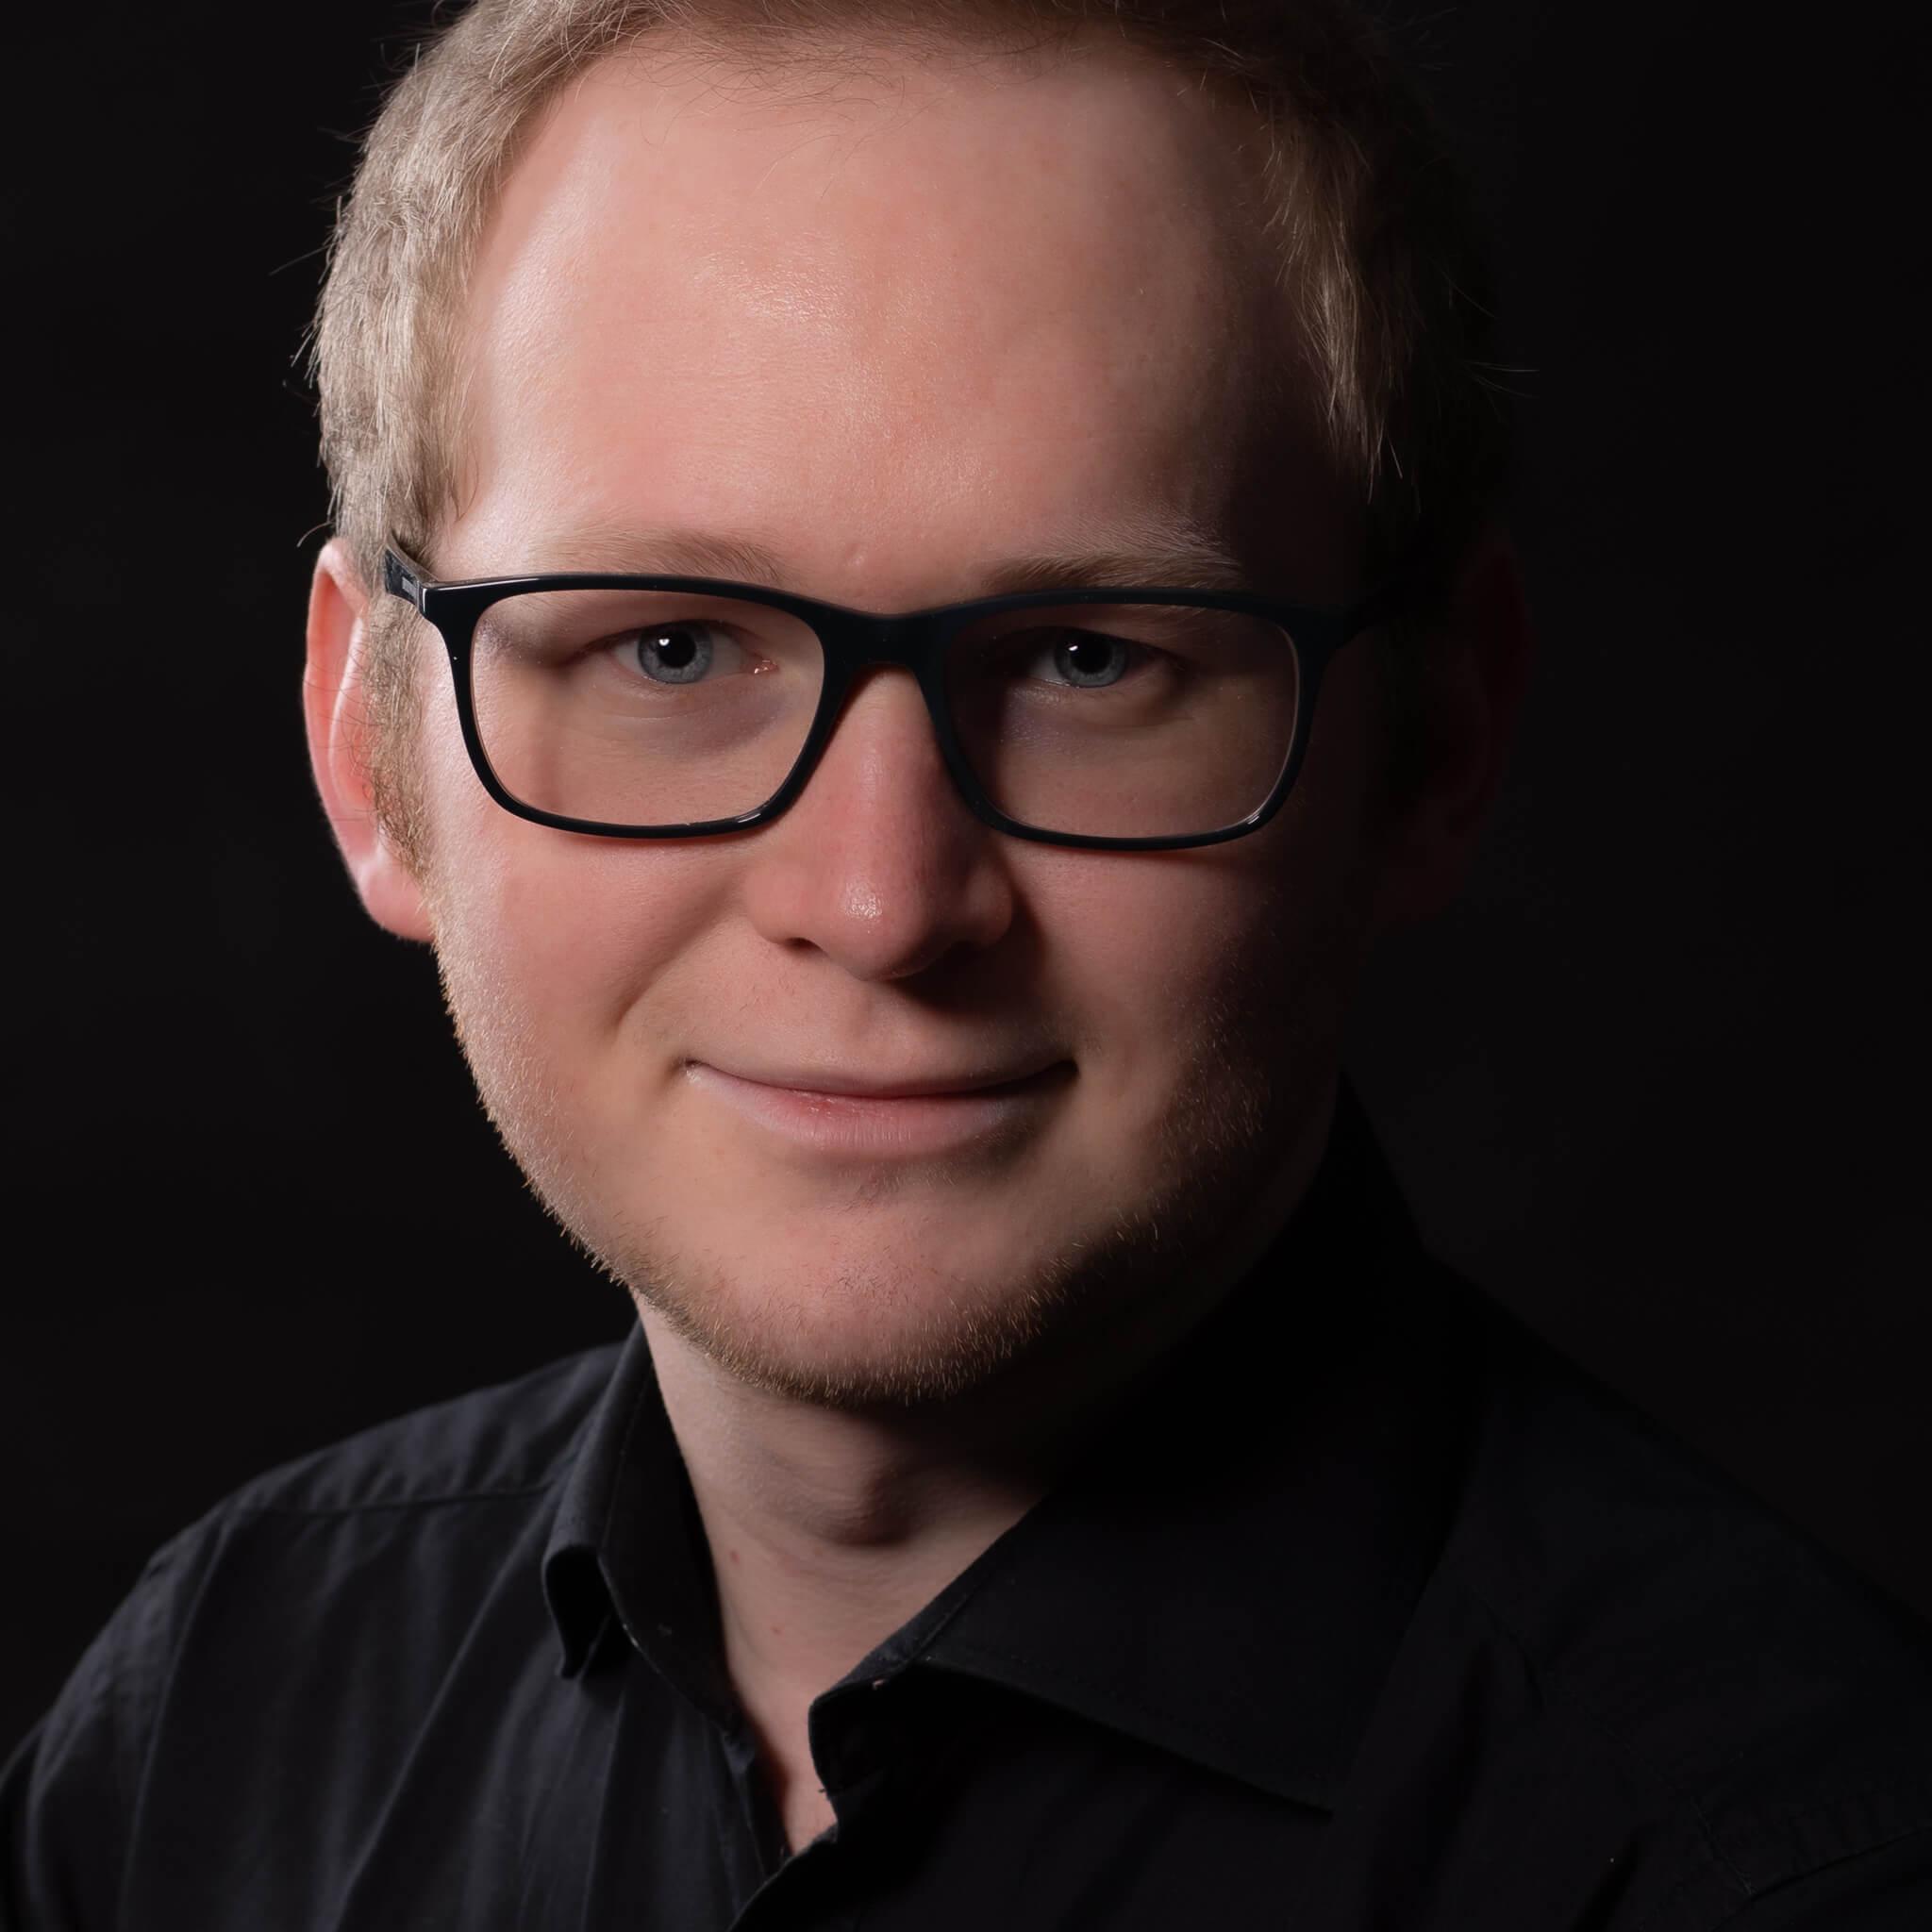 David T. Riggs